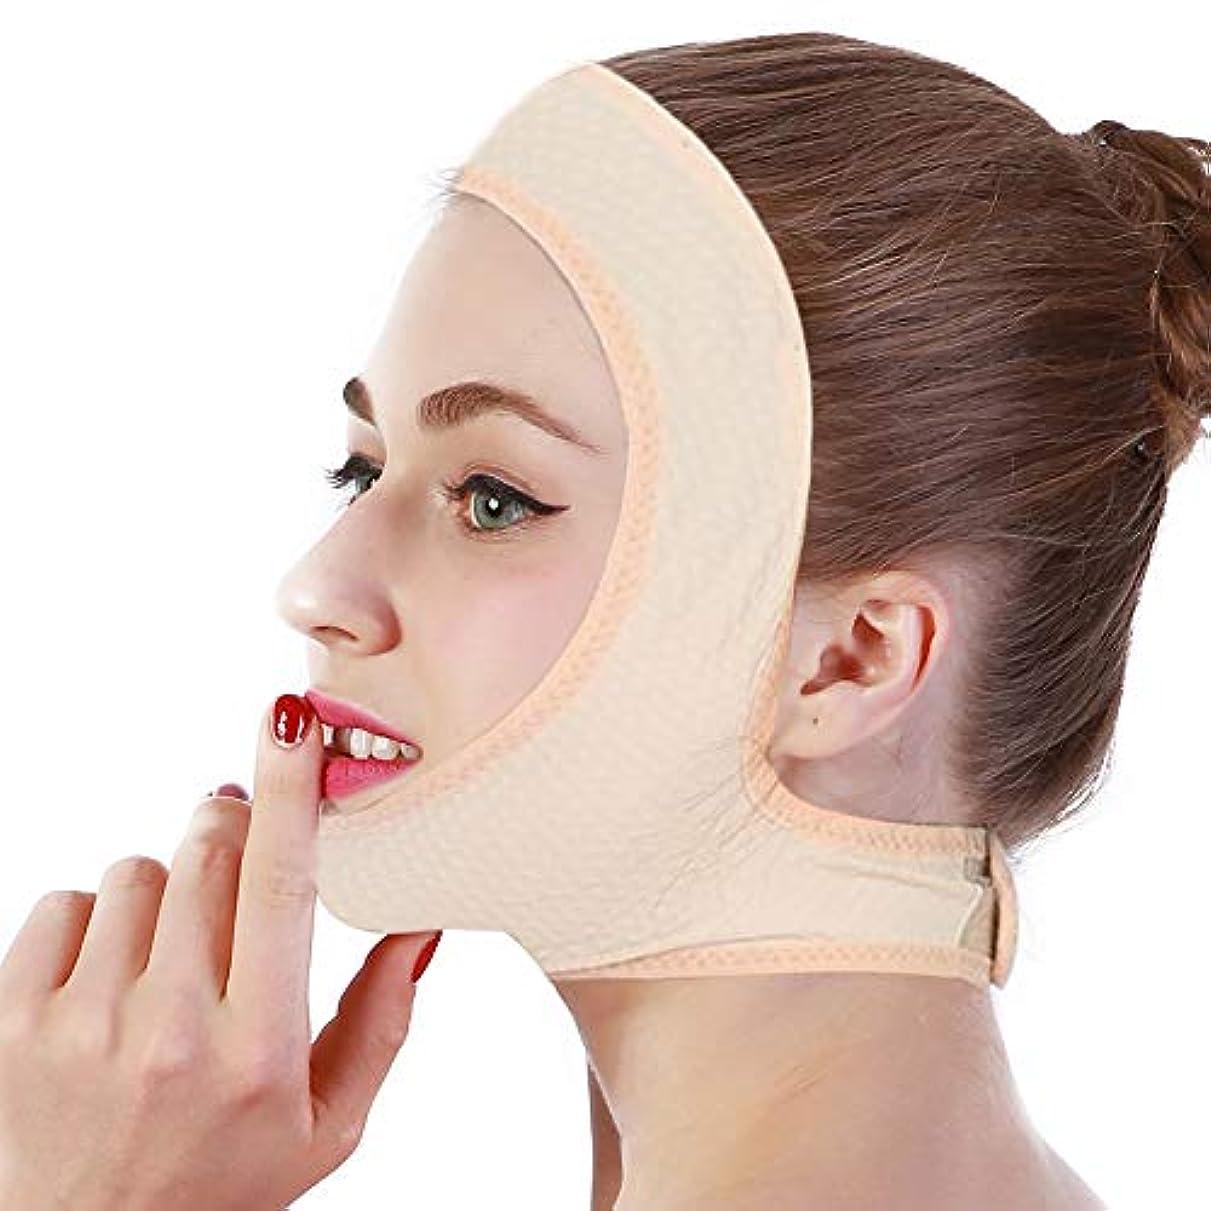 マンモス対キネマティクスフェイスマッサージ肌の色フェイスリフティングマスク薄いあご矯正ツール顔の輪郭調整包帯